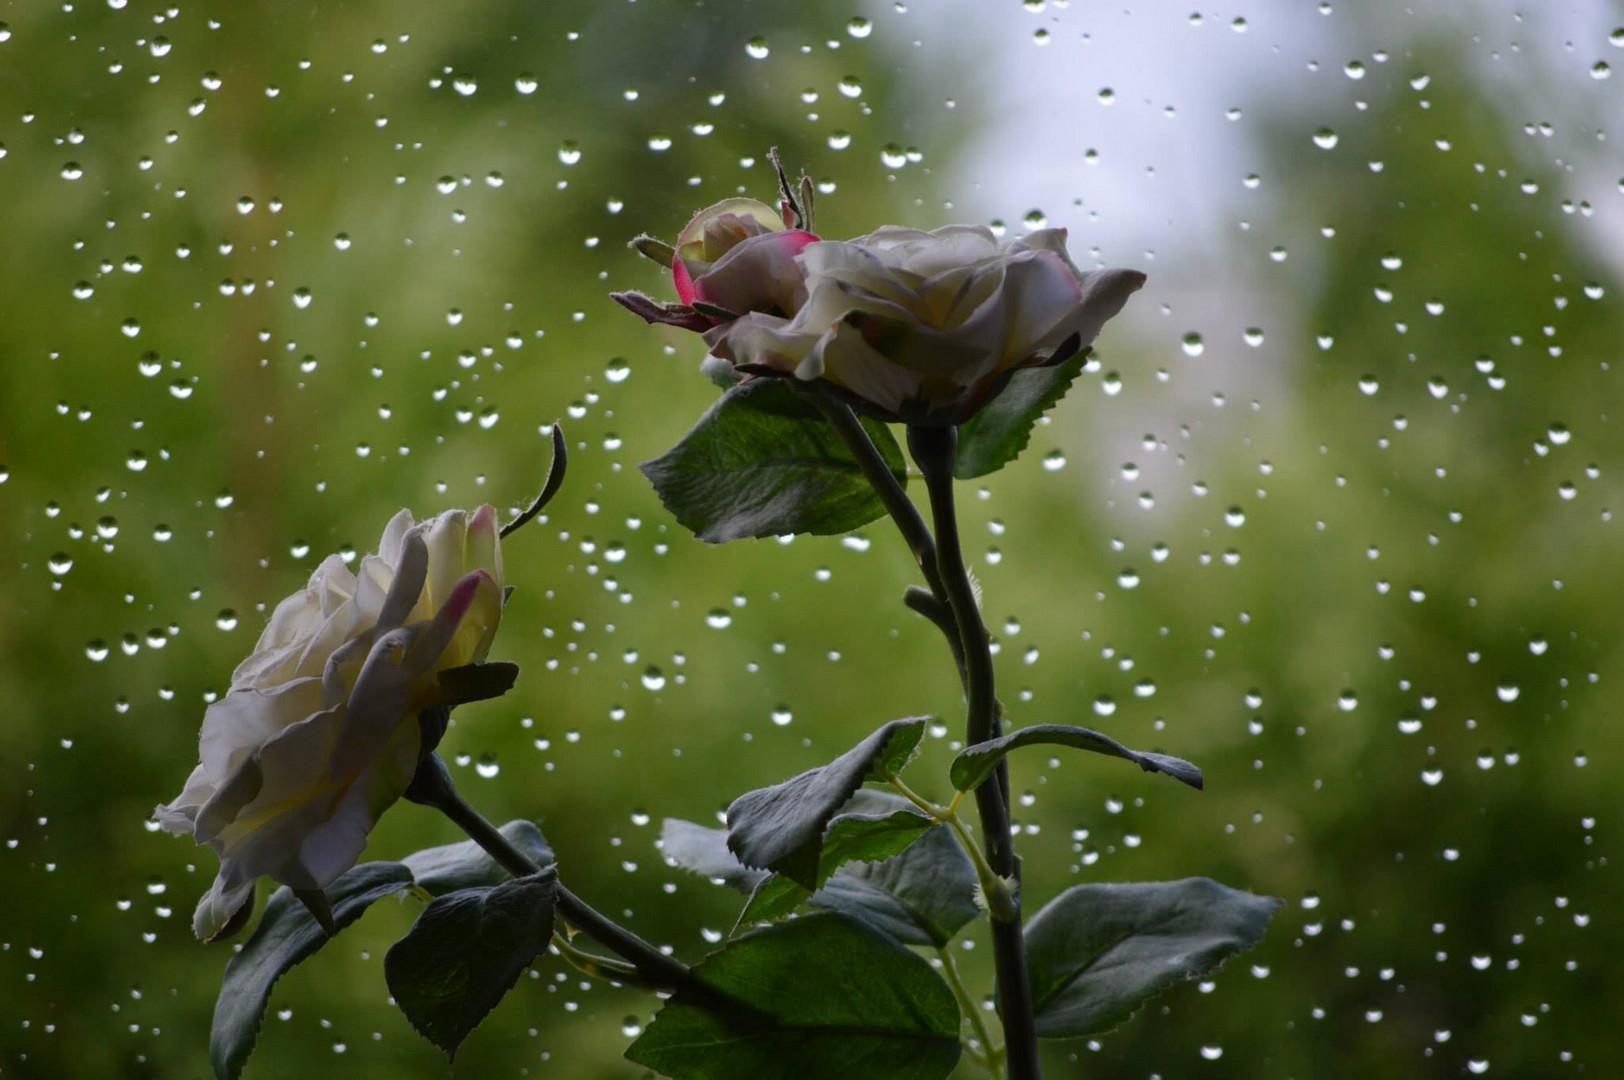 Raindrops for the flower